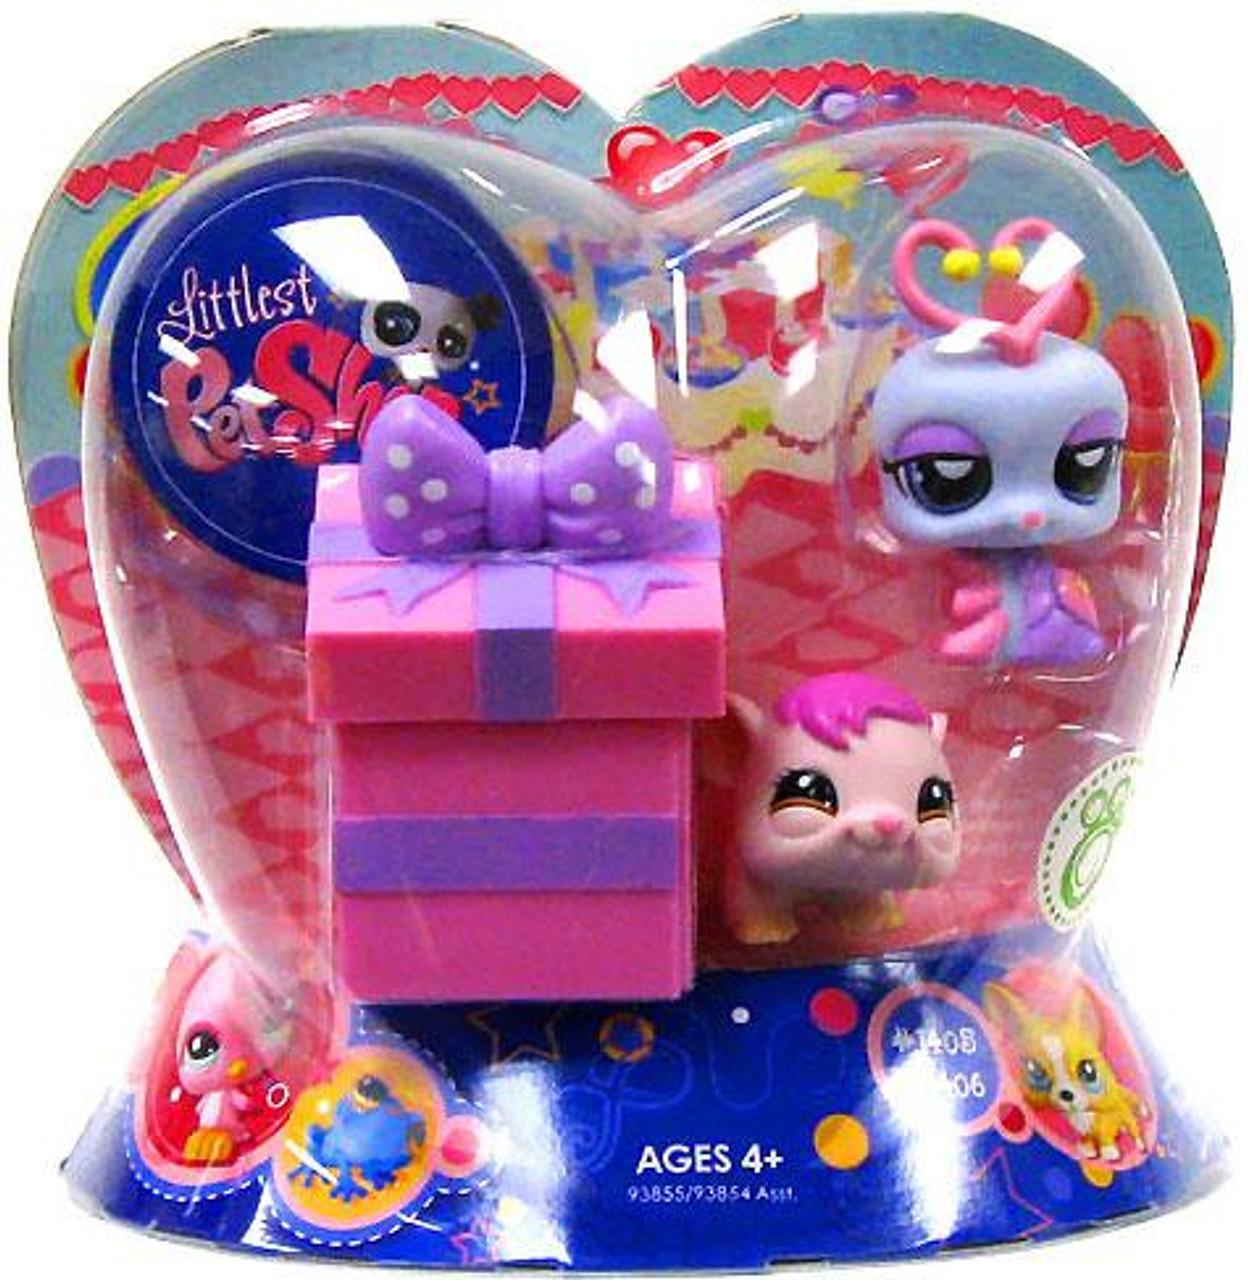 Littlest Pet Shop Valentines Day Lovebug & Hamster Exclusive Figure 2-Pack #1406, 1408 [Present]